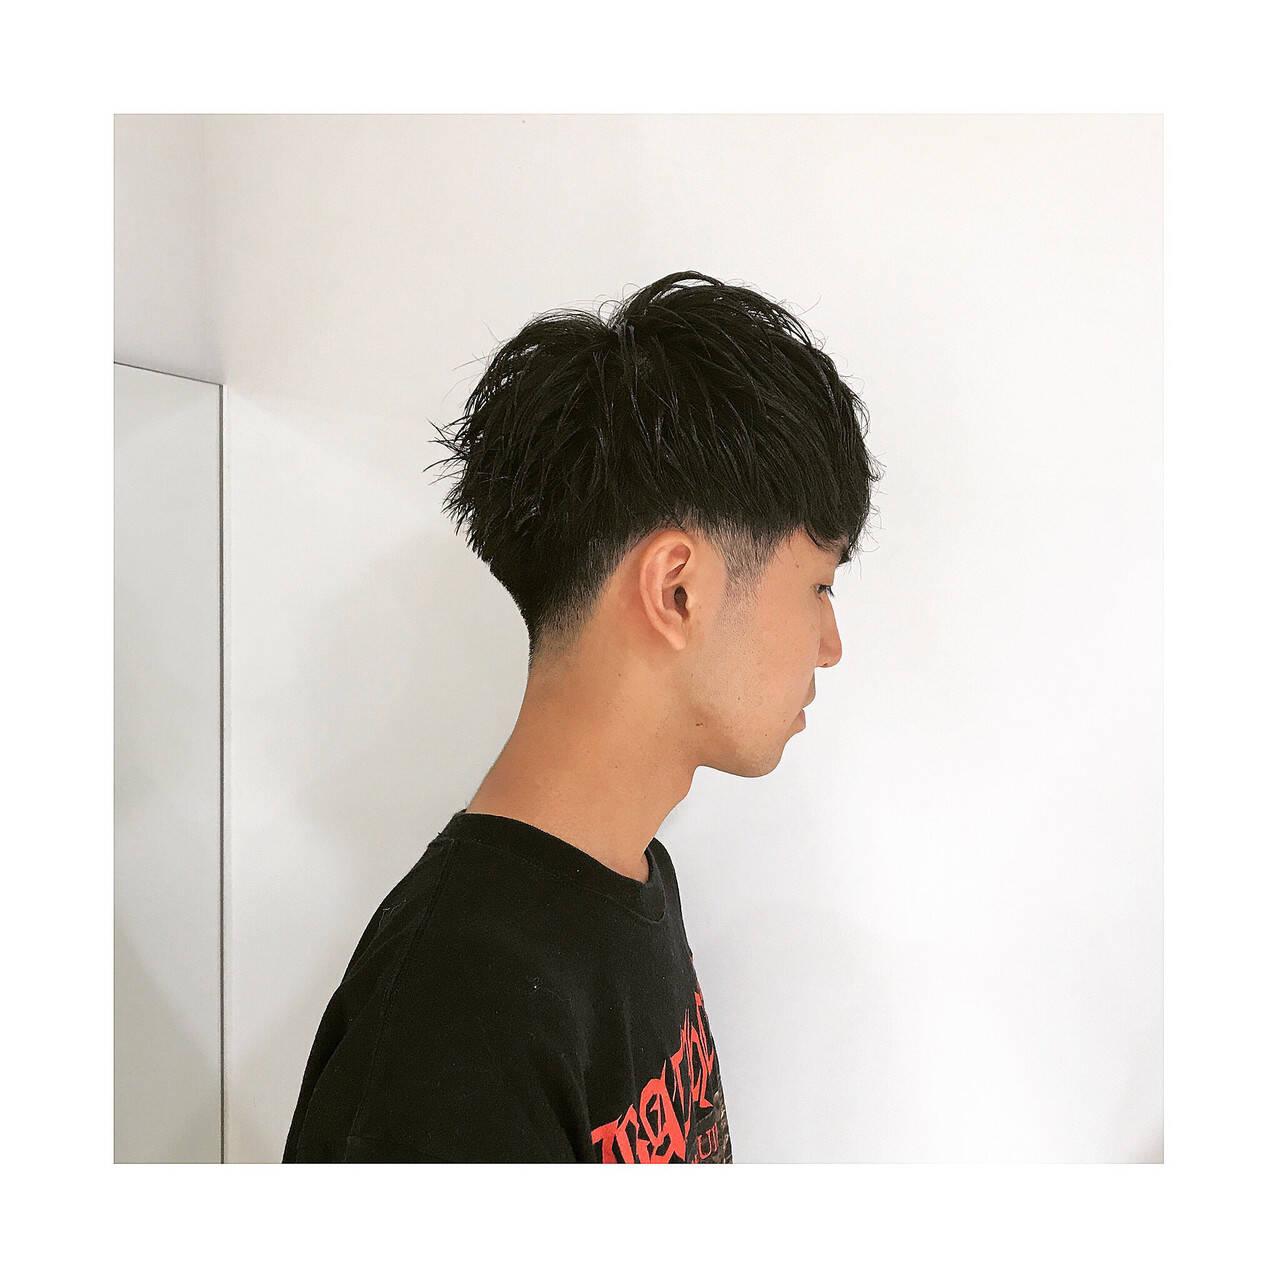 刈り上げ ストリート メンズヘア メンズヘアスタイルや髪型の写真・画像